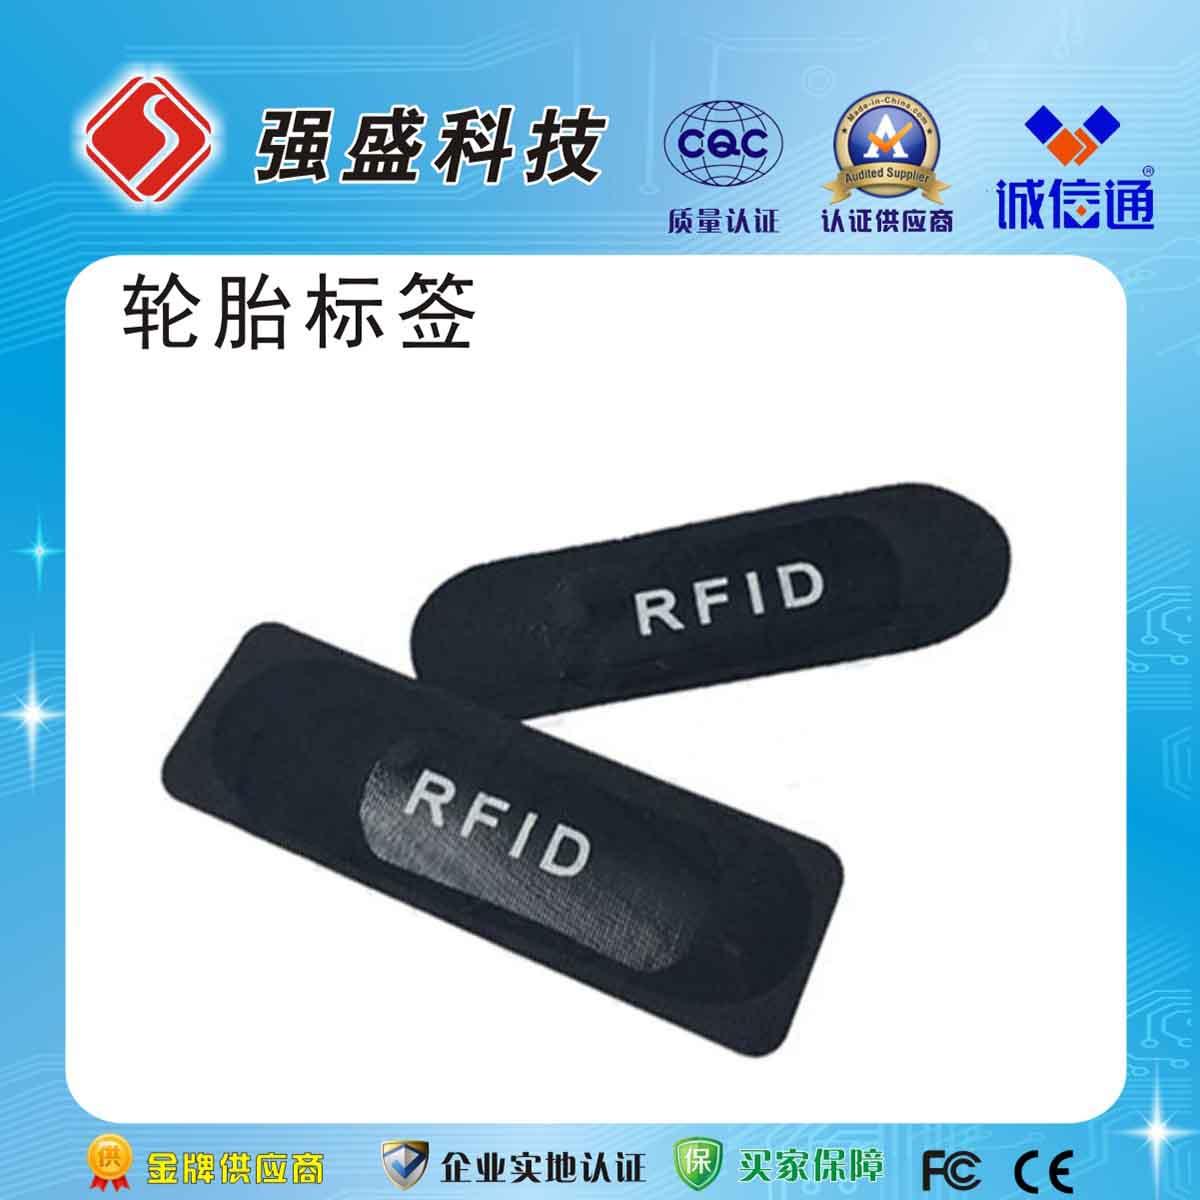 供應廣州RFID超高頻橡膠輪胎電子標簽RIFD輪胎標簽